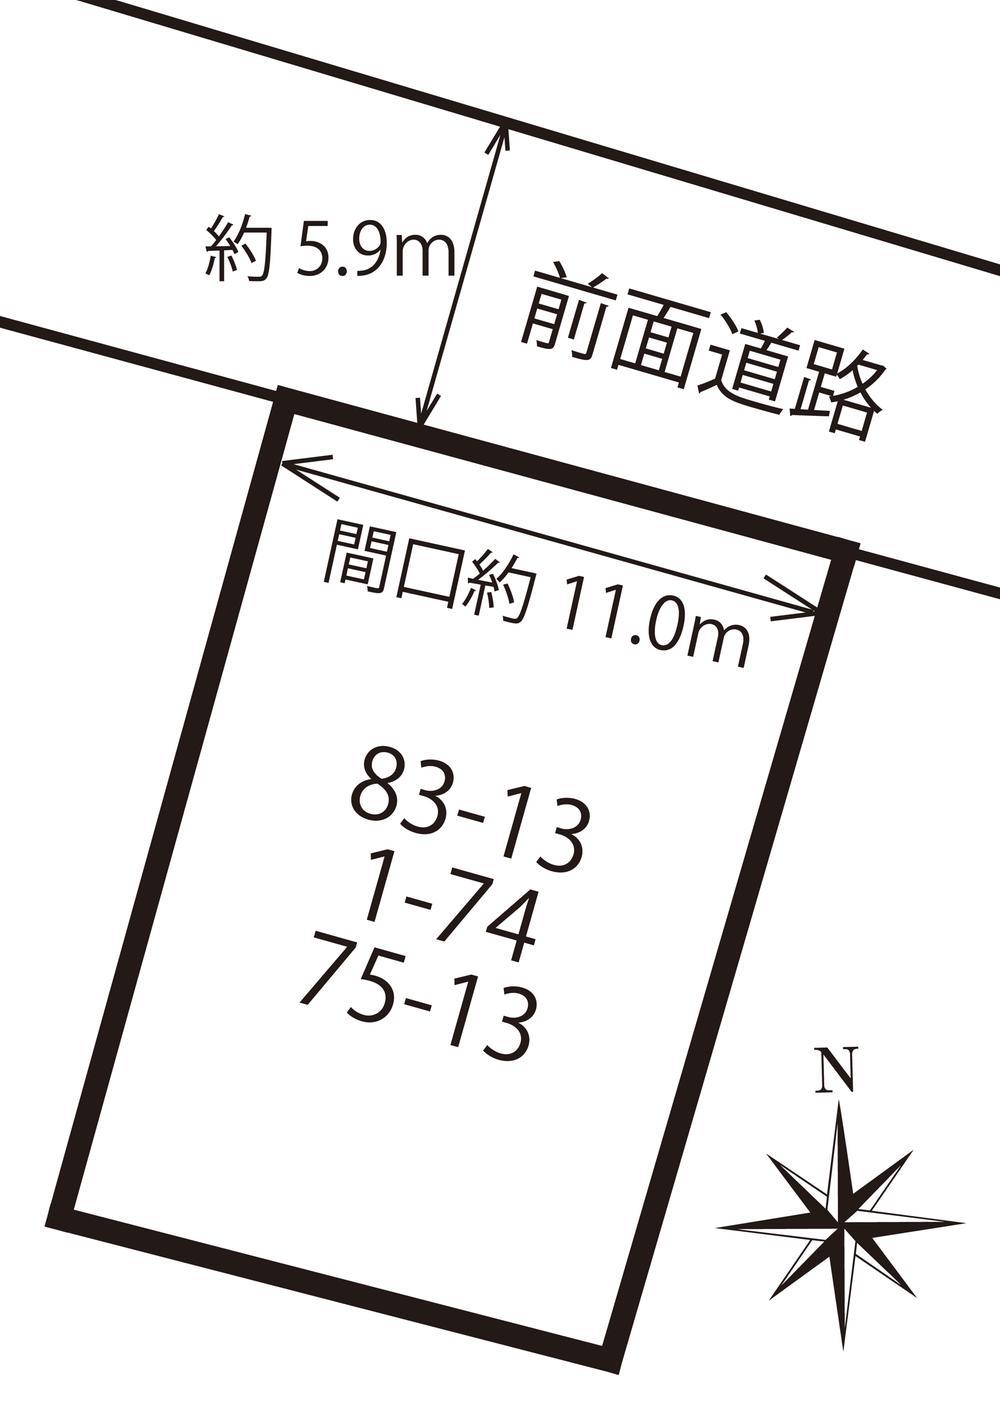 土地価格100万円、土地面積174.35m<sup>2</sup>